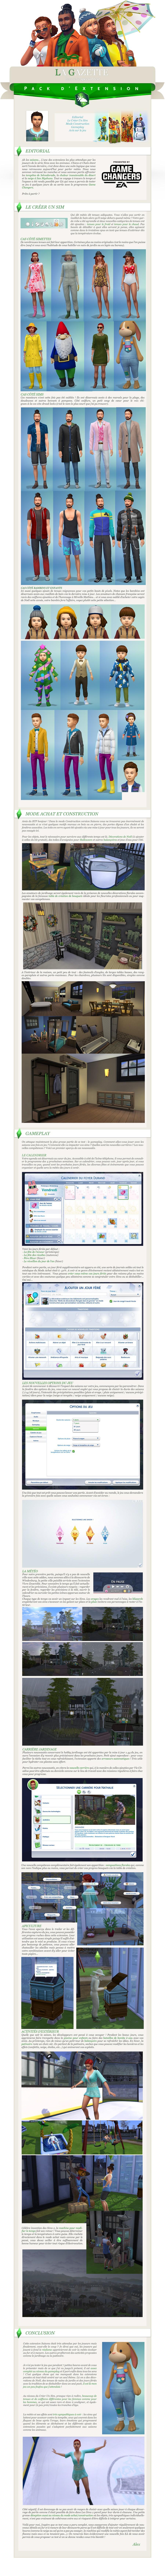 [Hors Série] Test Les Sims 4 Saisons Hssaisons